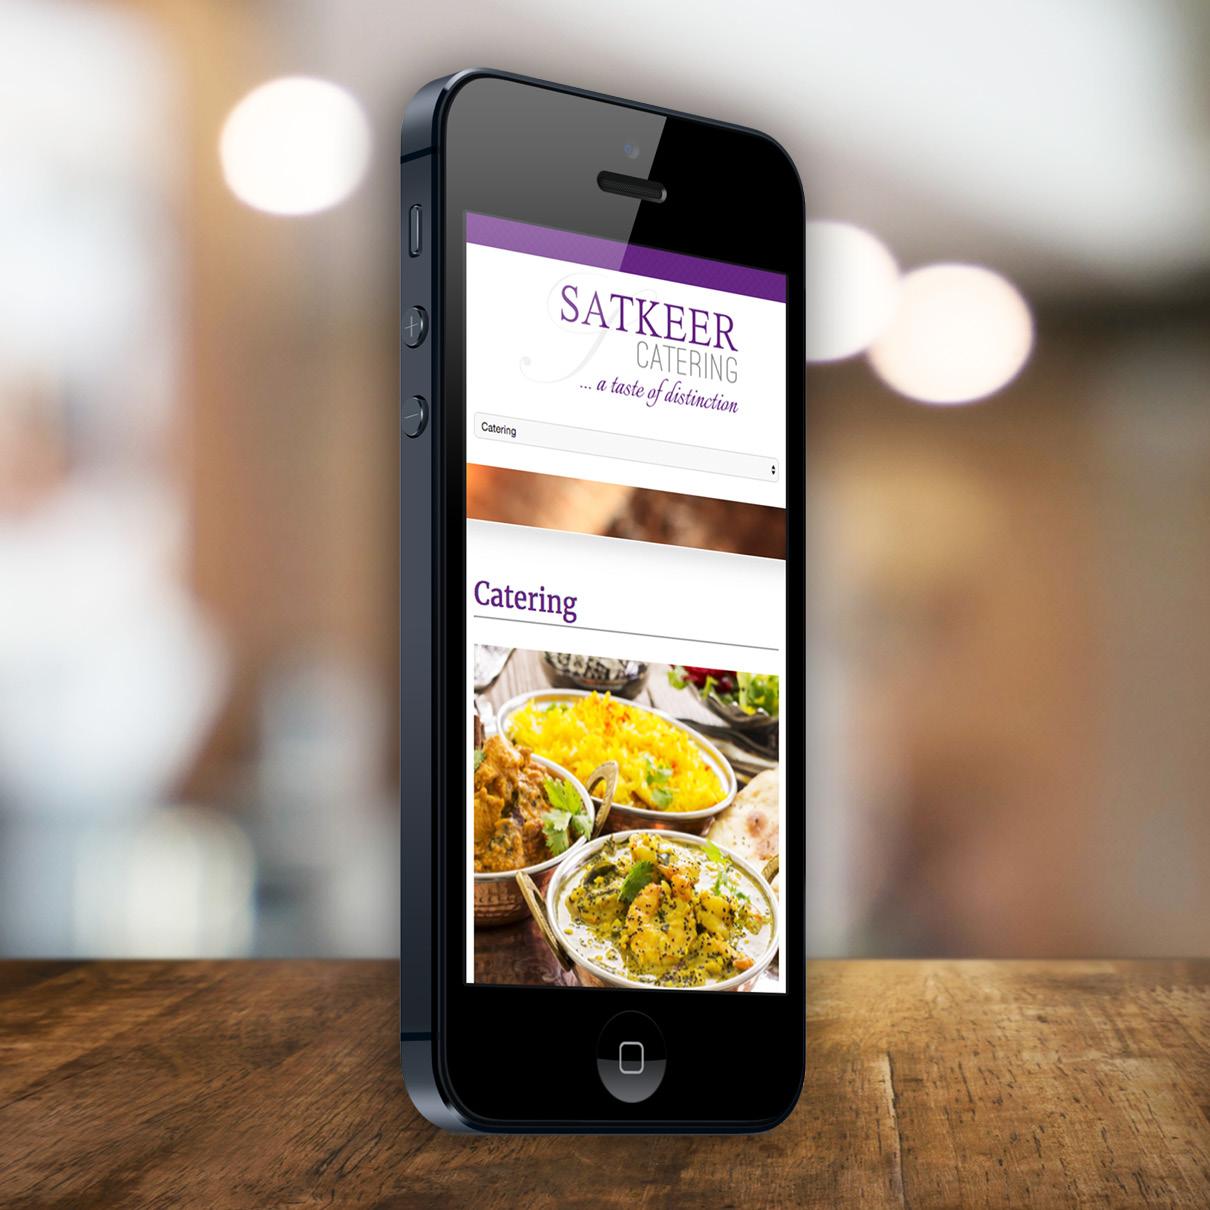 iPhone Satkeer 1